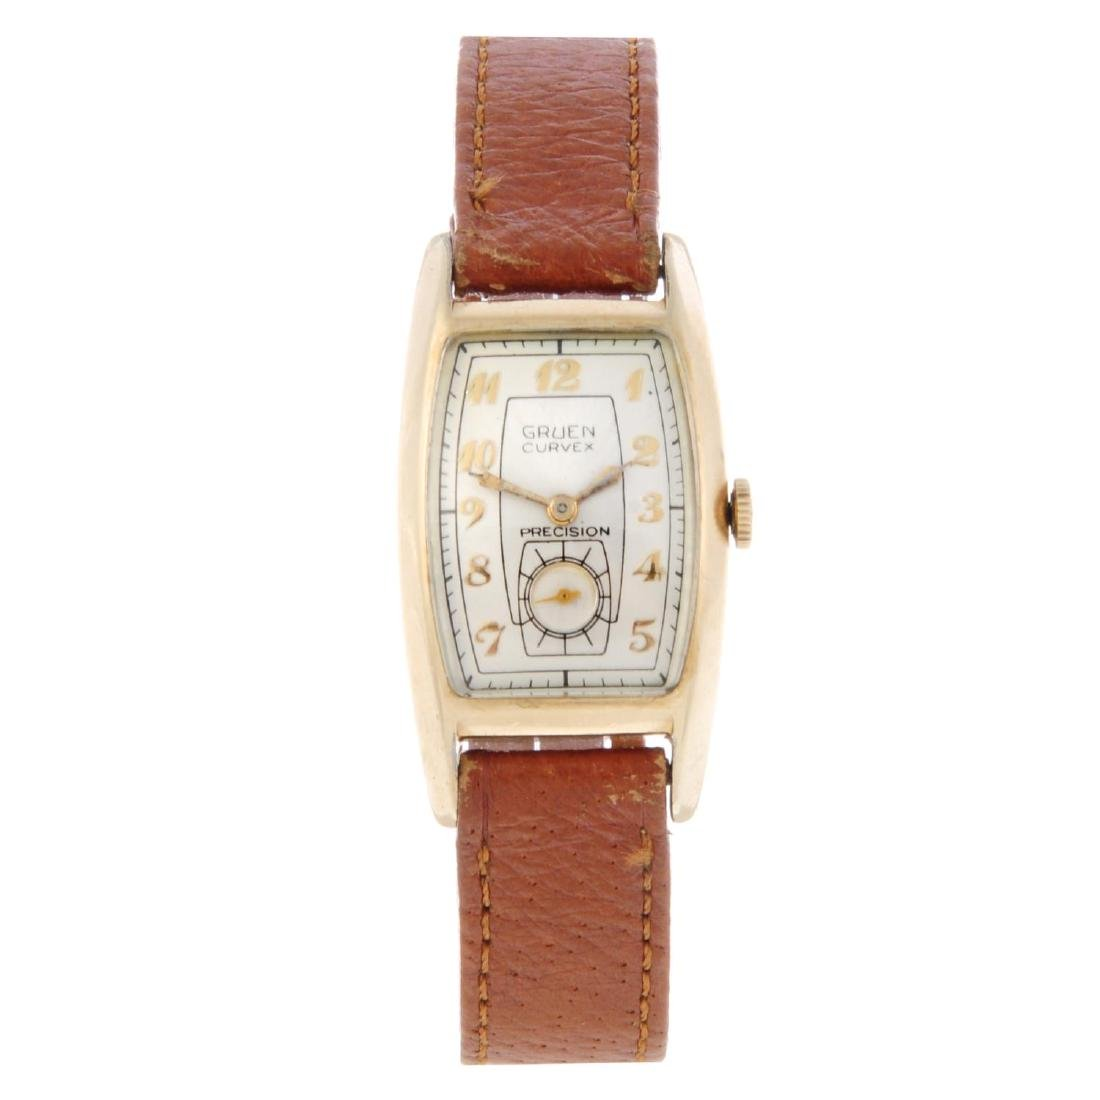 GRUEN - a gentleman's Curvex wrist watch. Gold filled